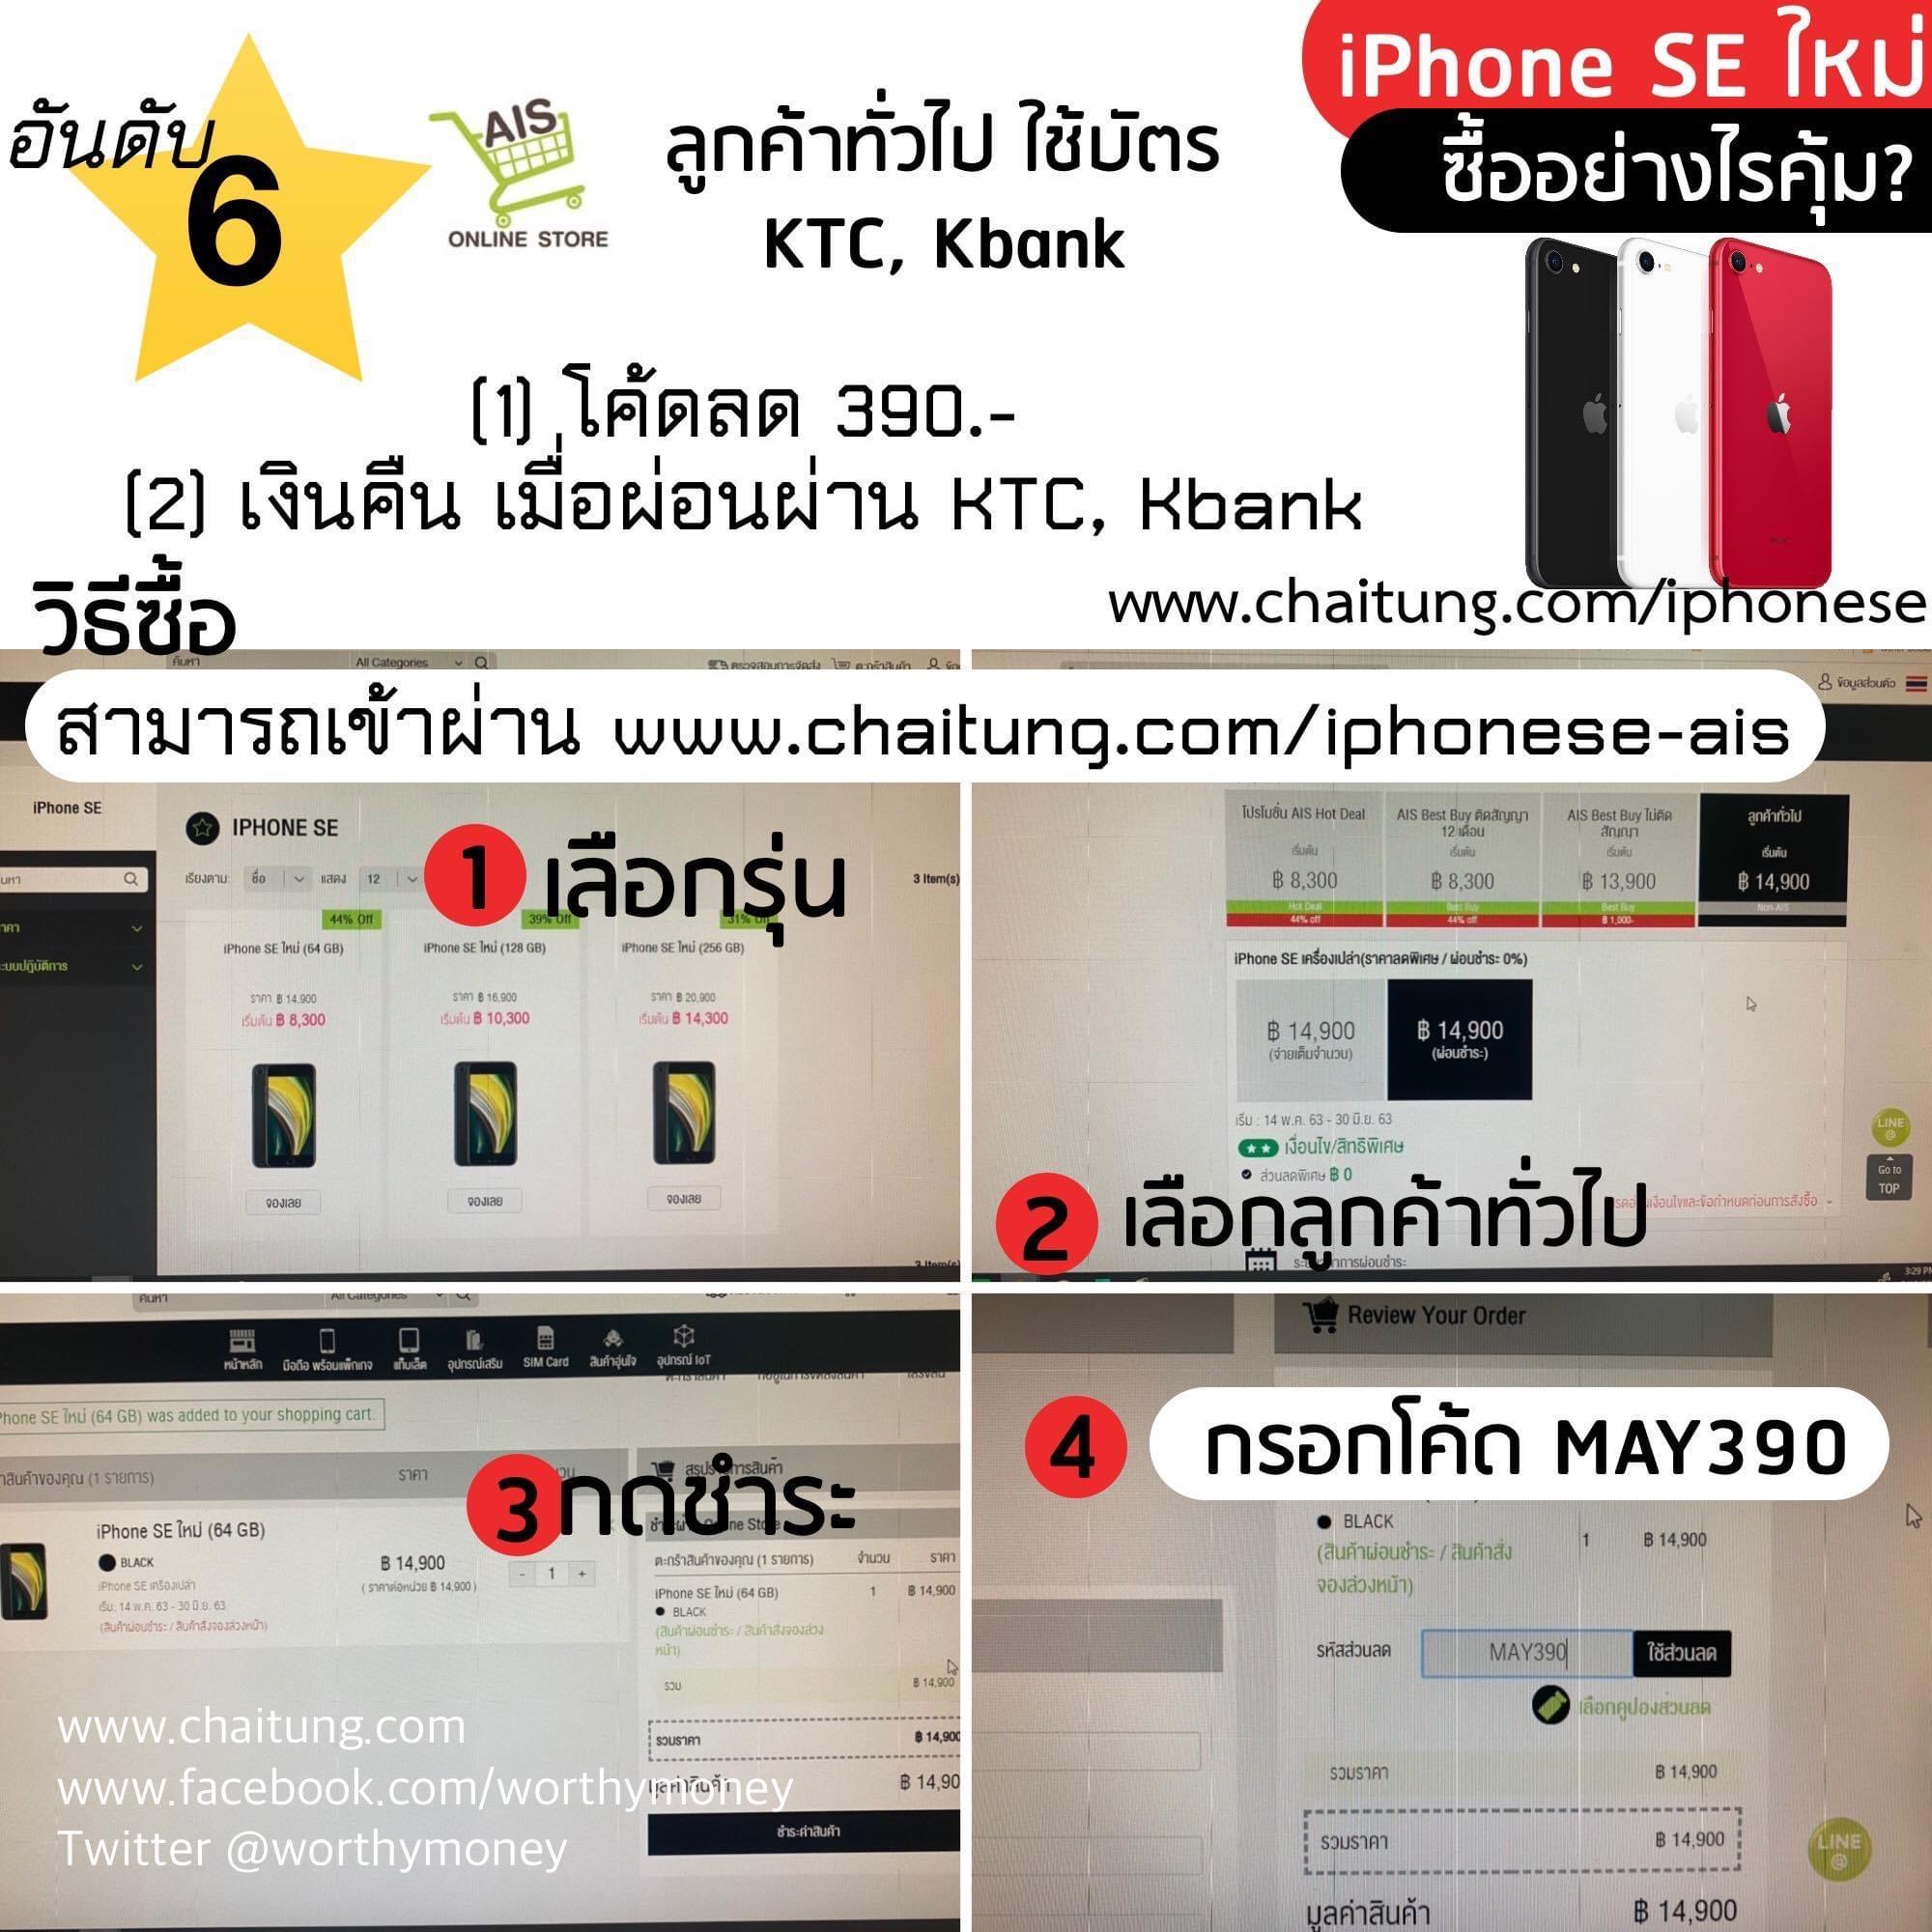 6 iphone se ais